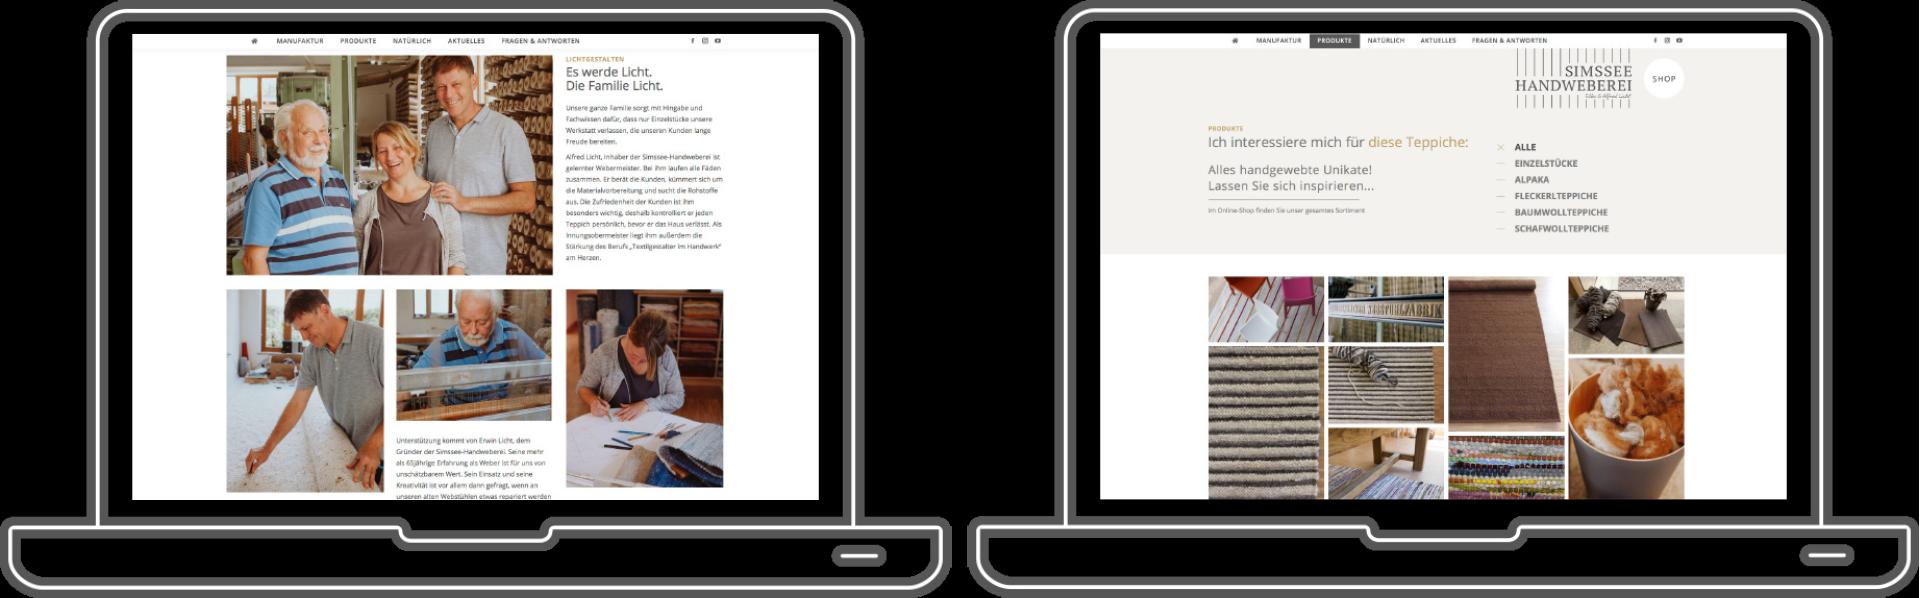 Simssee Handweberei - Webseiten